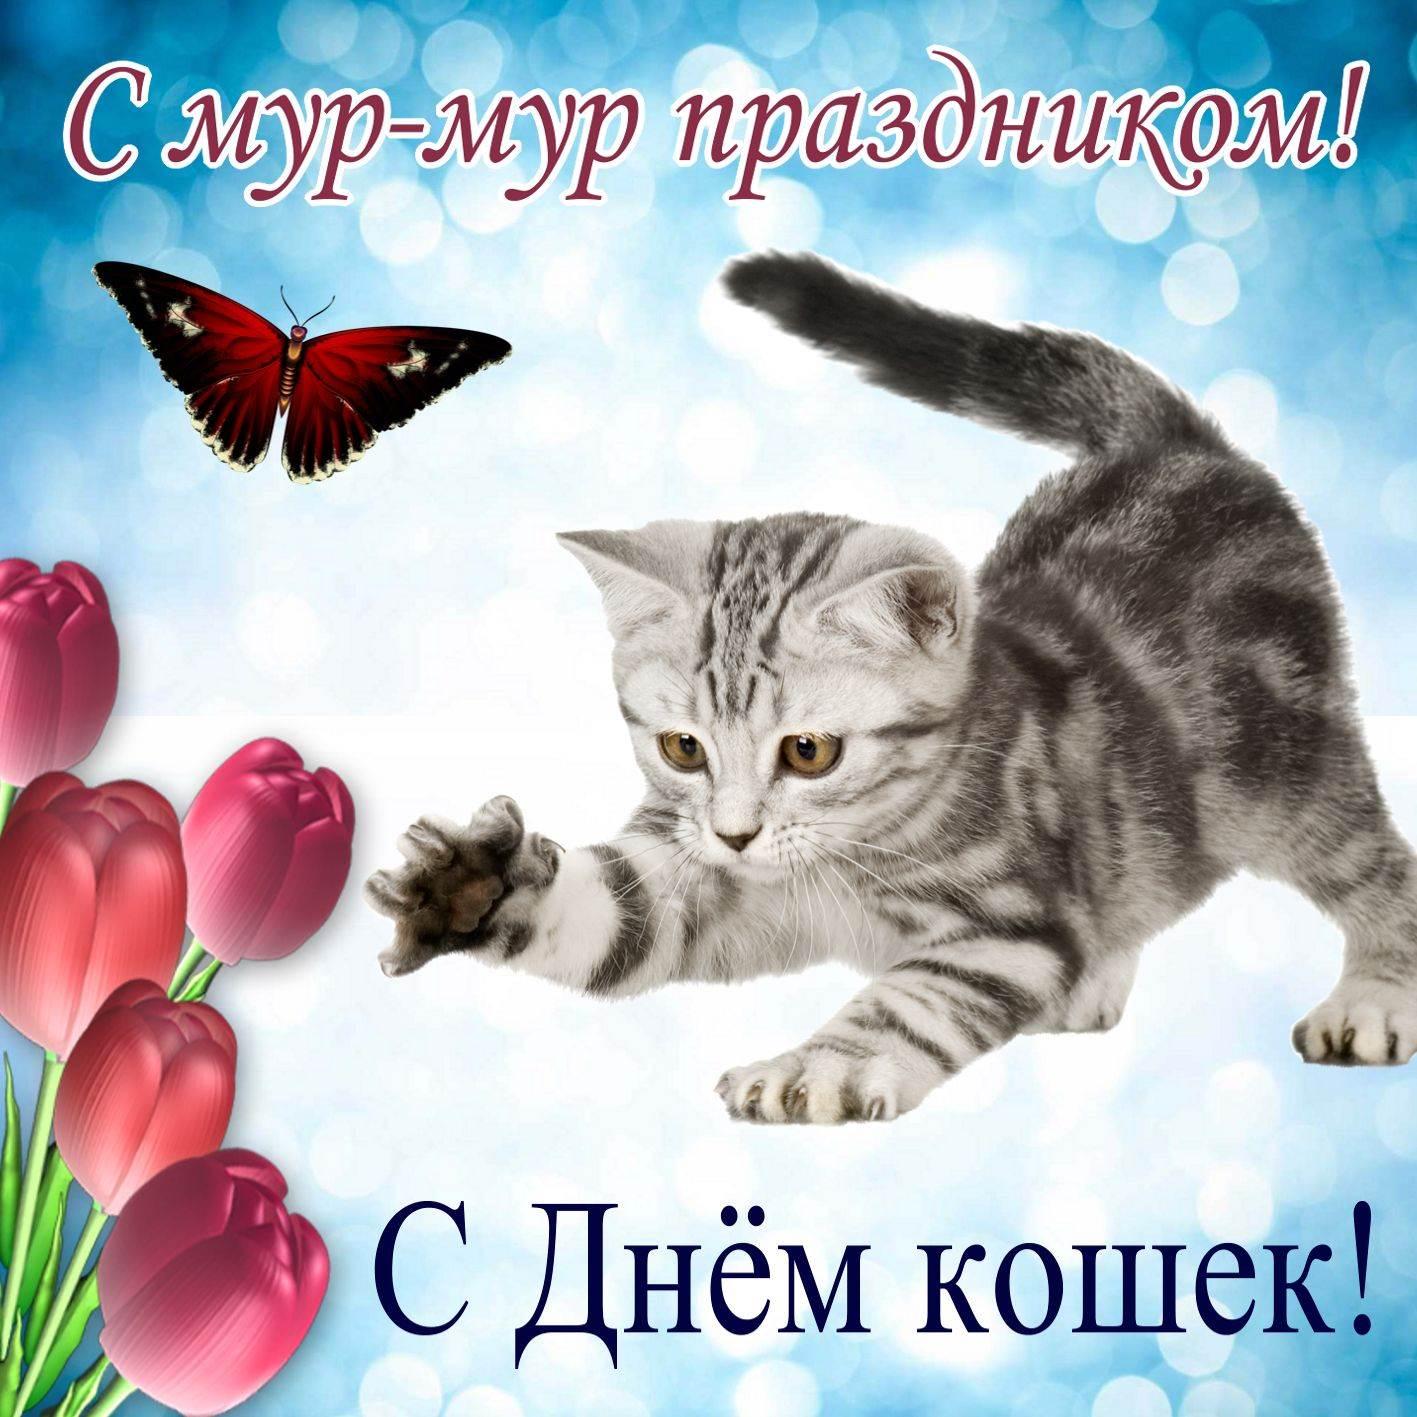 поздравления к дню кошек неоднократно запрещал жене